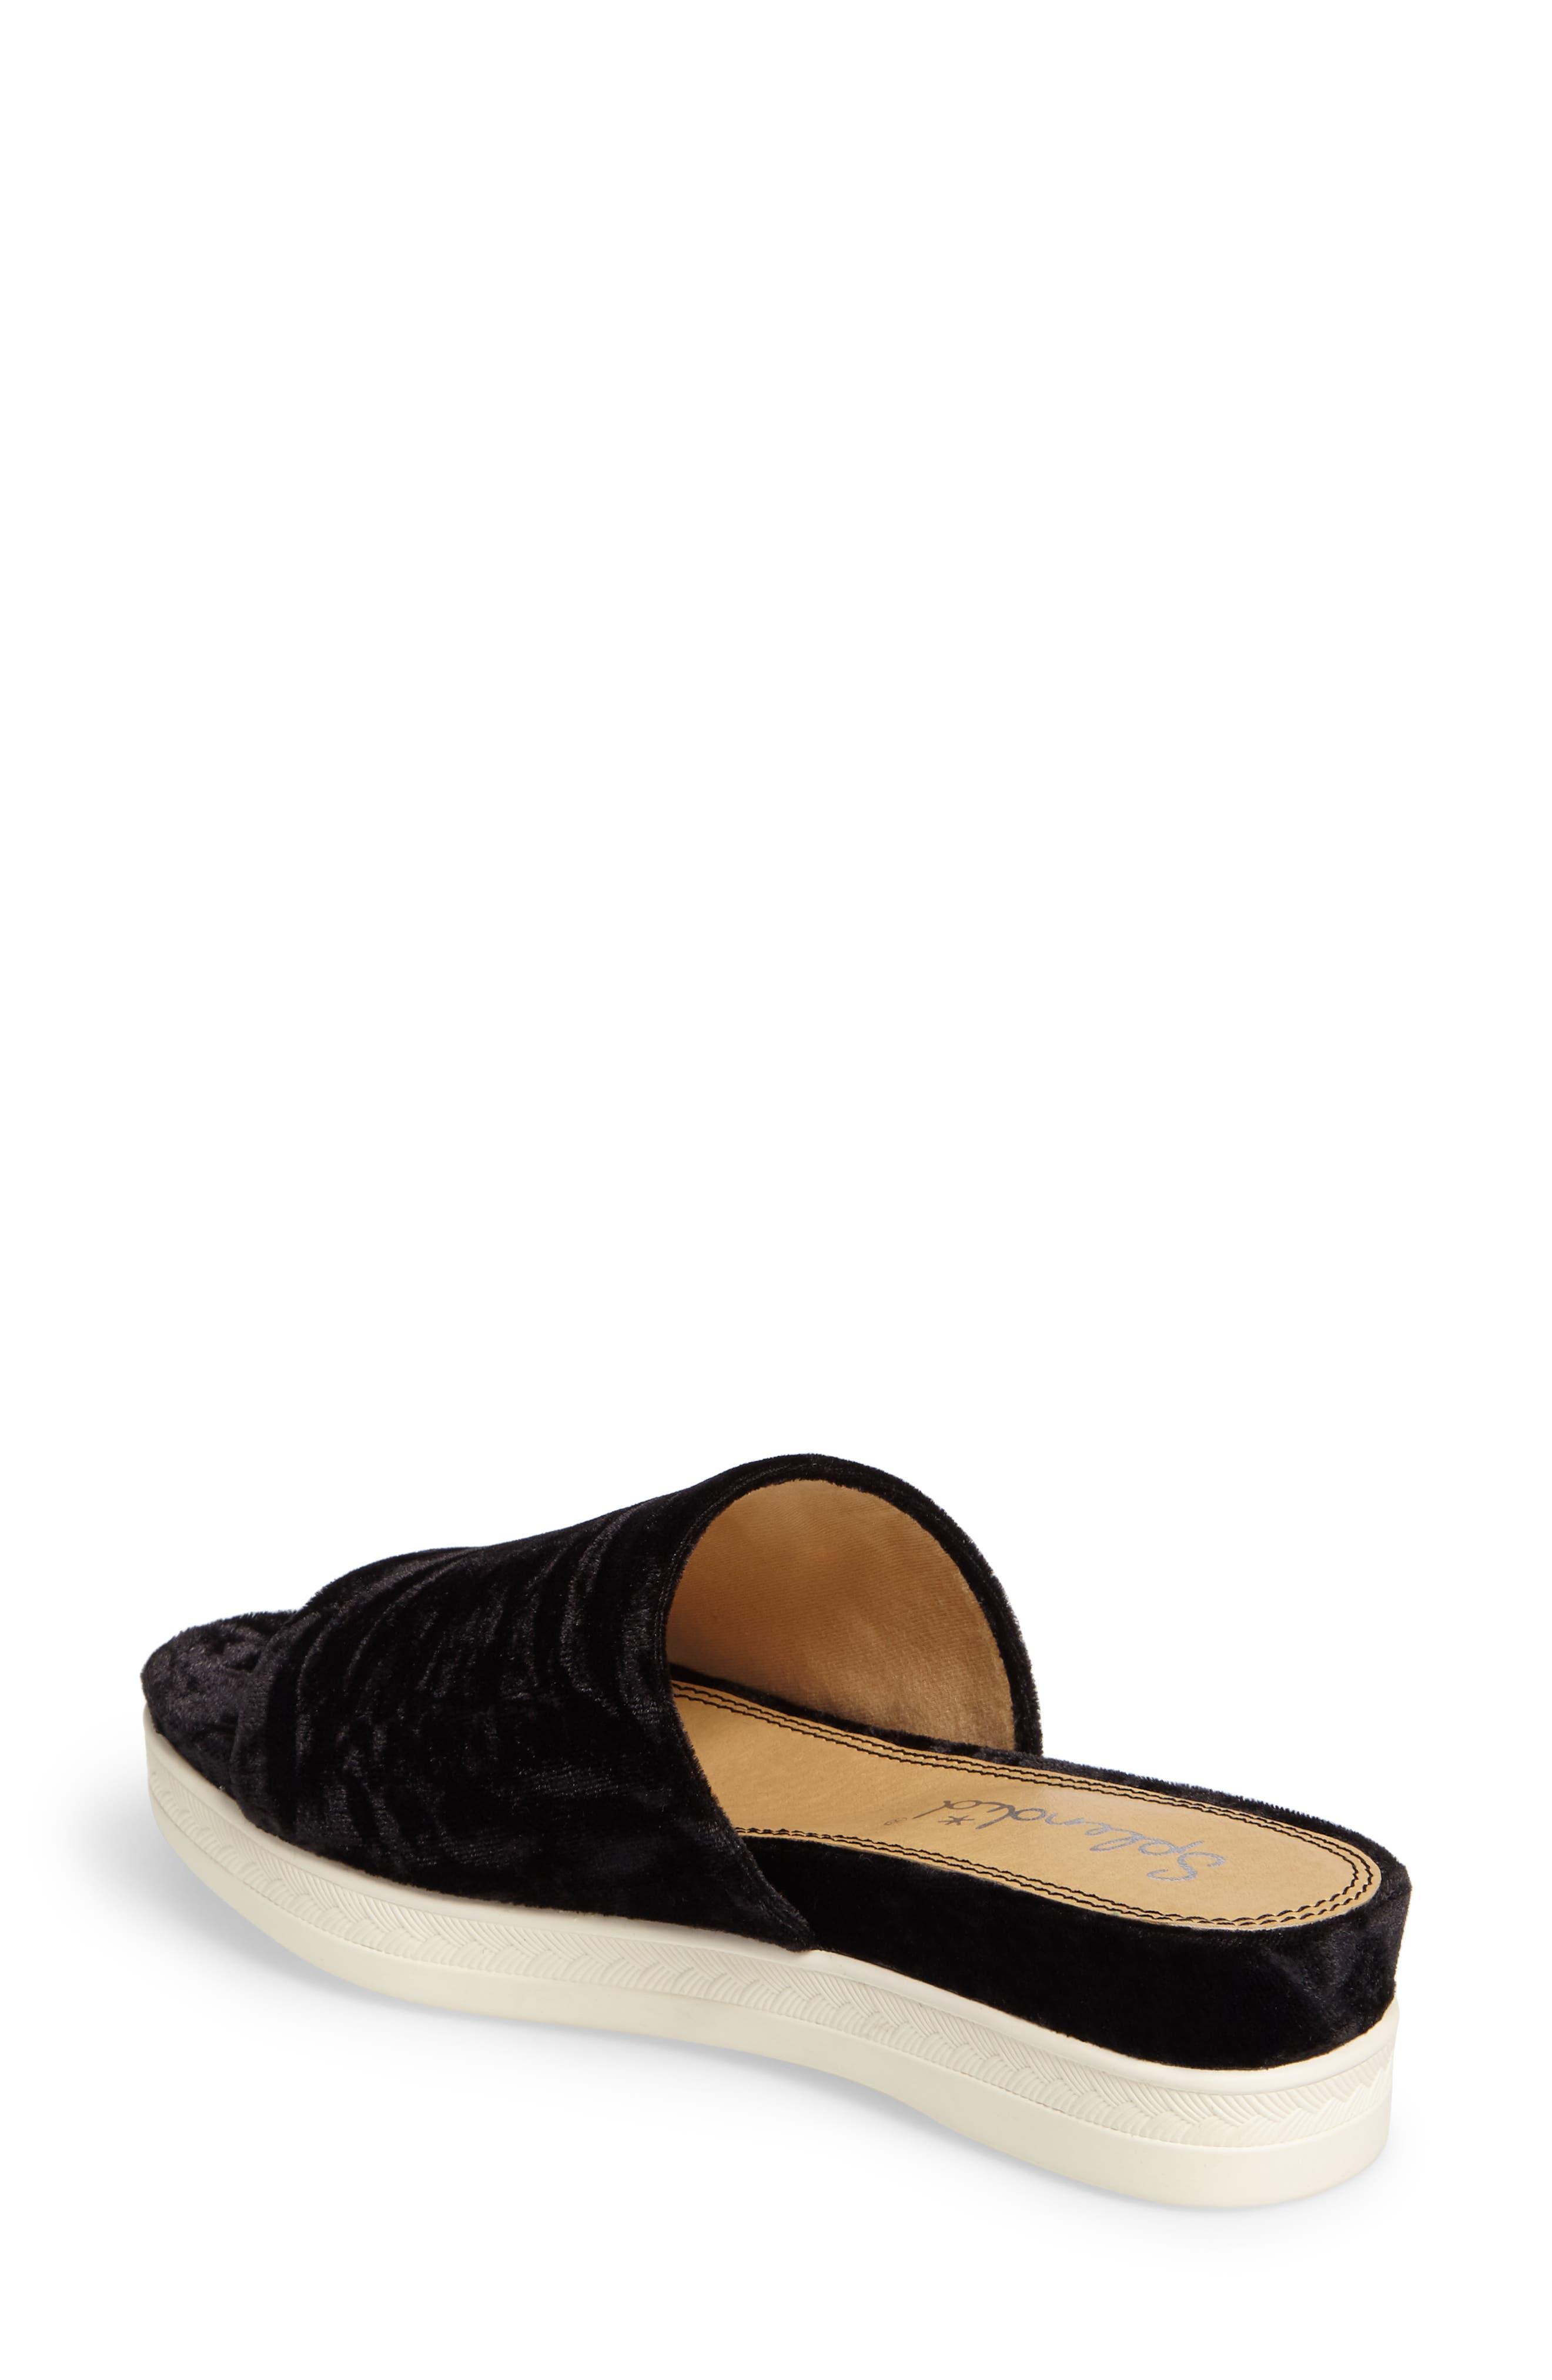 Darla Slide Sandal,                             Alternate thumbnail 2, color,                             Black Velvet Fabric